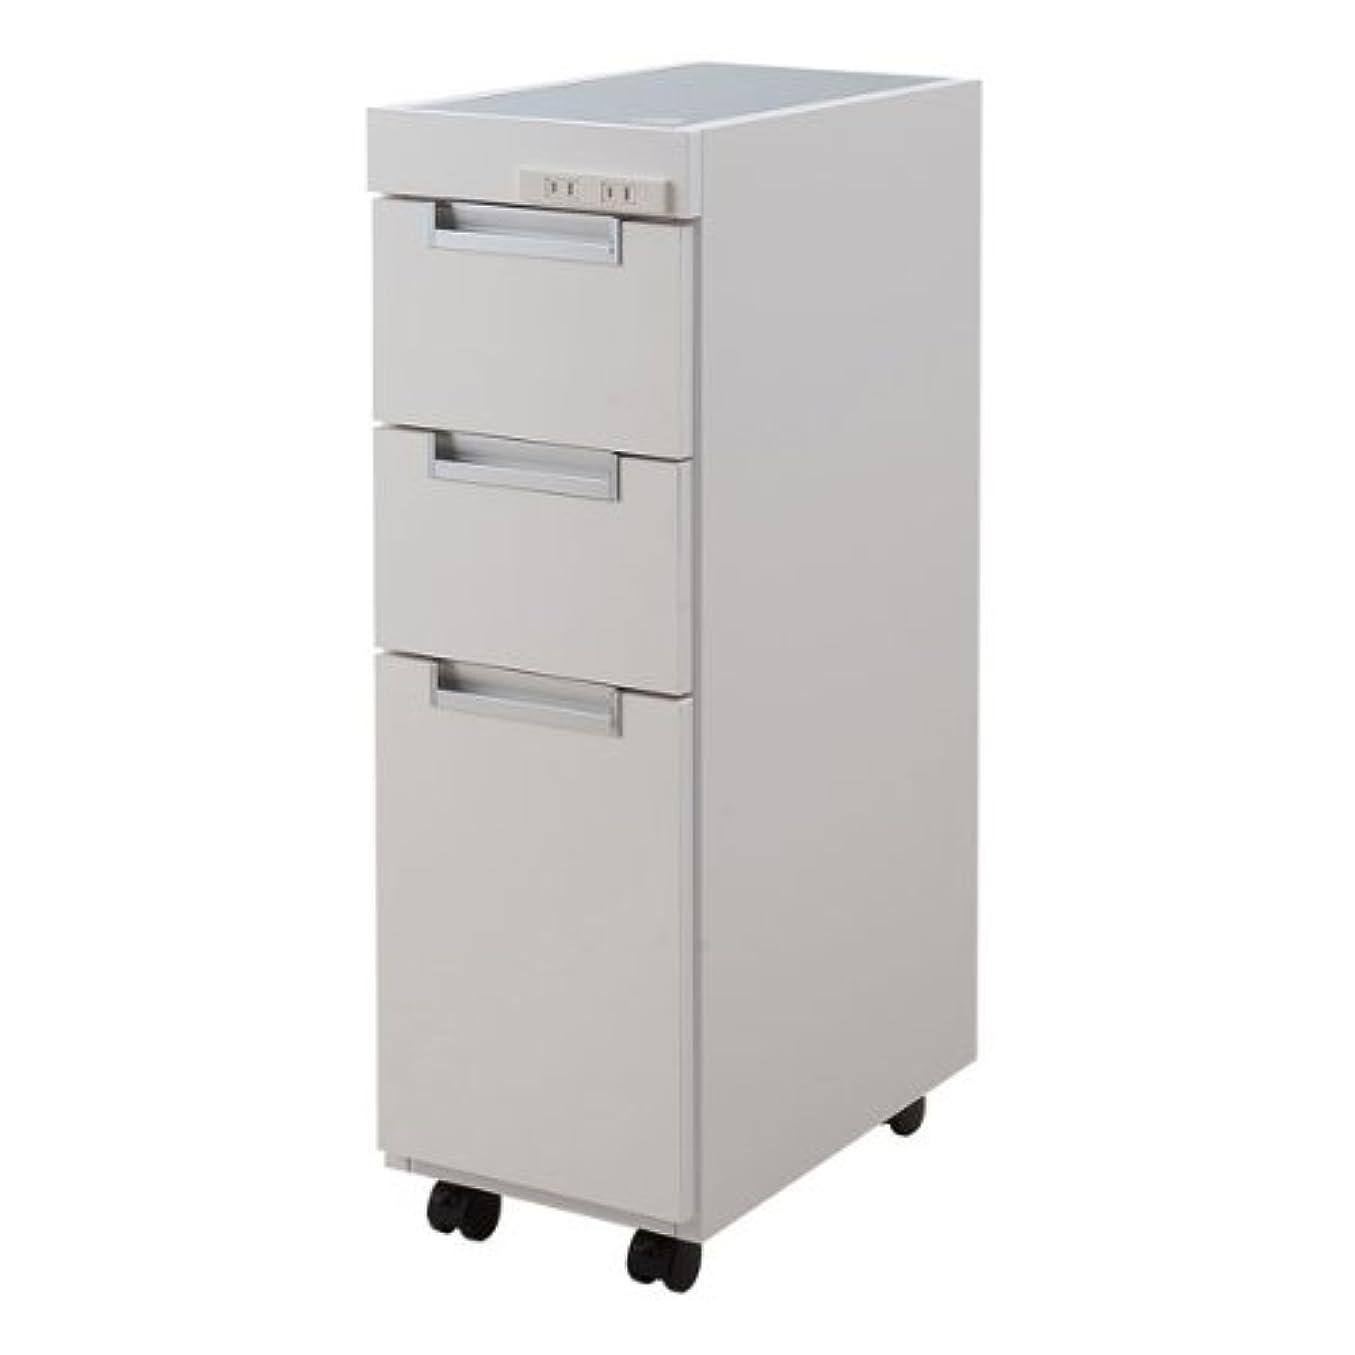 急速なコロニアル側溝ステンレス天板すきま収納キッチンカウンター 幅25.5cm ホワイト NO-0037